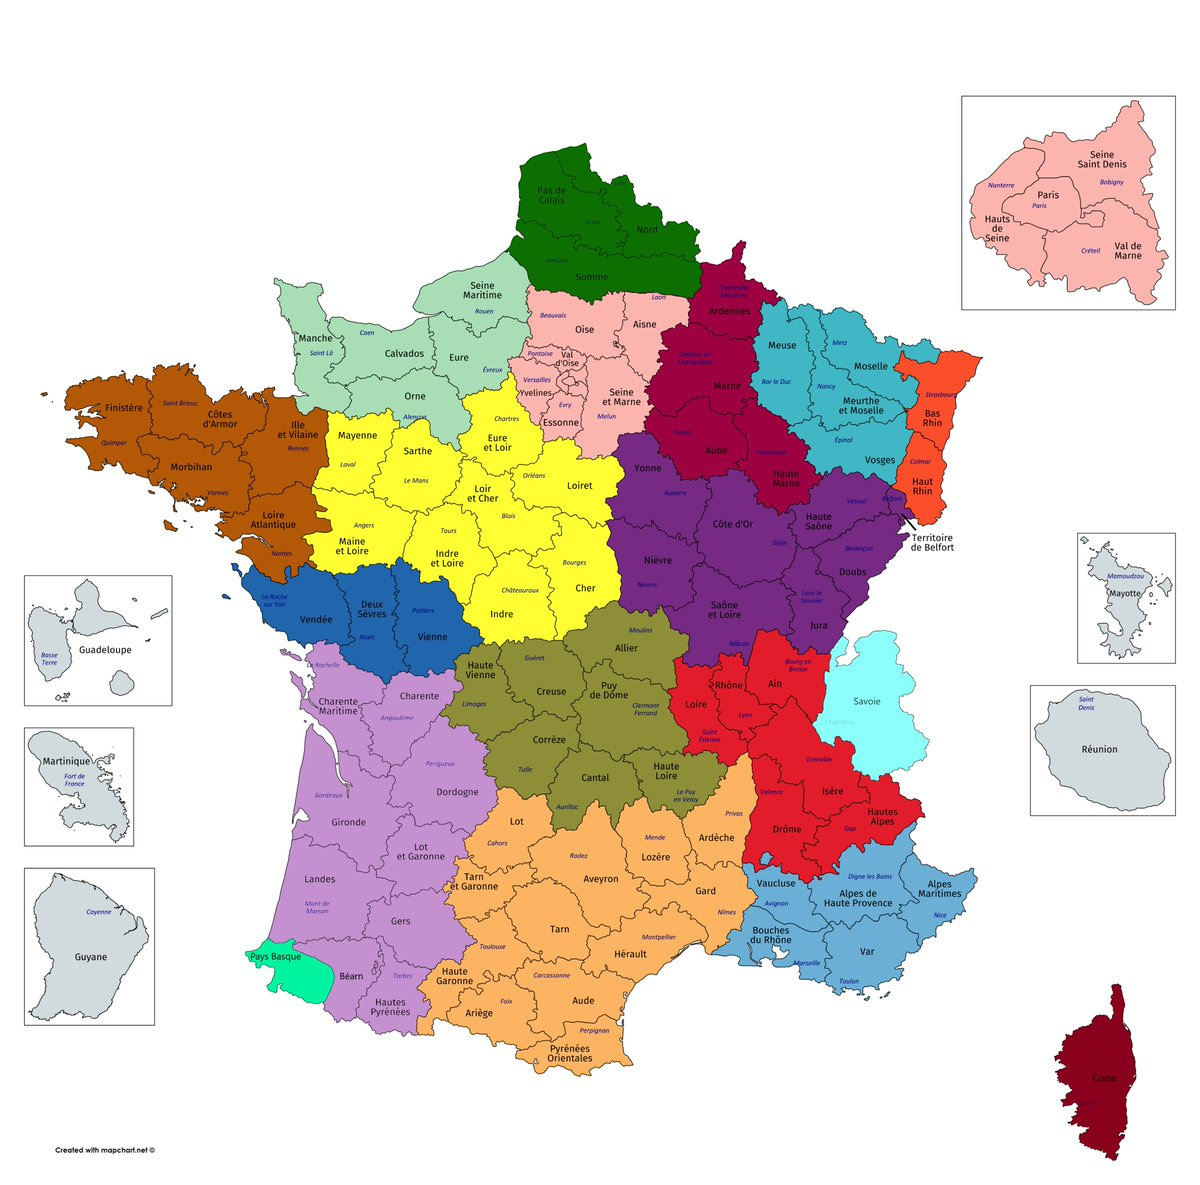 Giuseppe On Twitter Suite A Cette Semaine De Propositions Et De Votes Voici Notre Carte De France Des Regions Avec Ses Frontieres Definitives Https T Co 9pzoy9yqsw